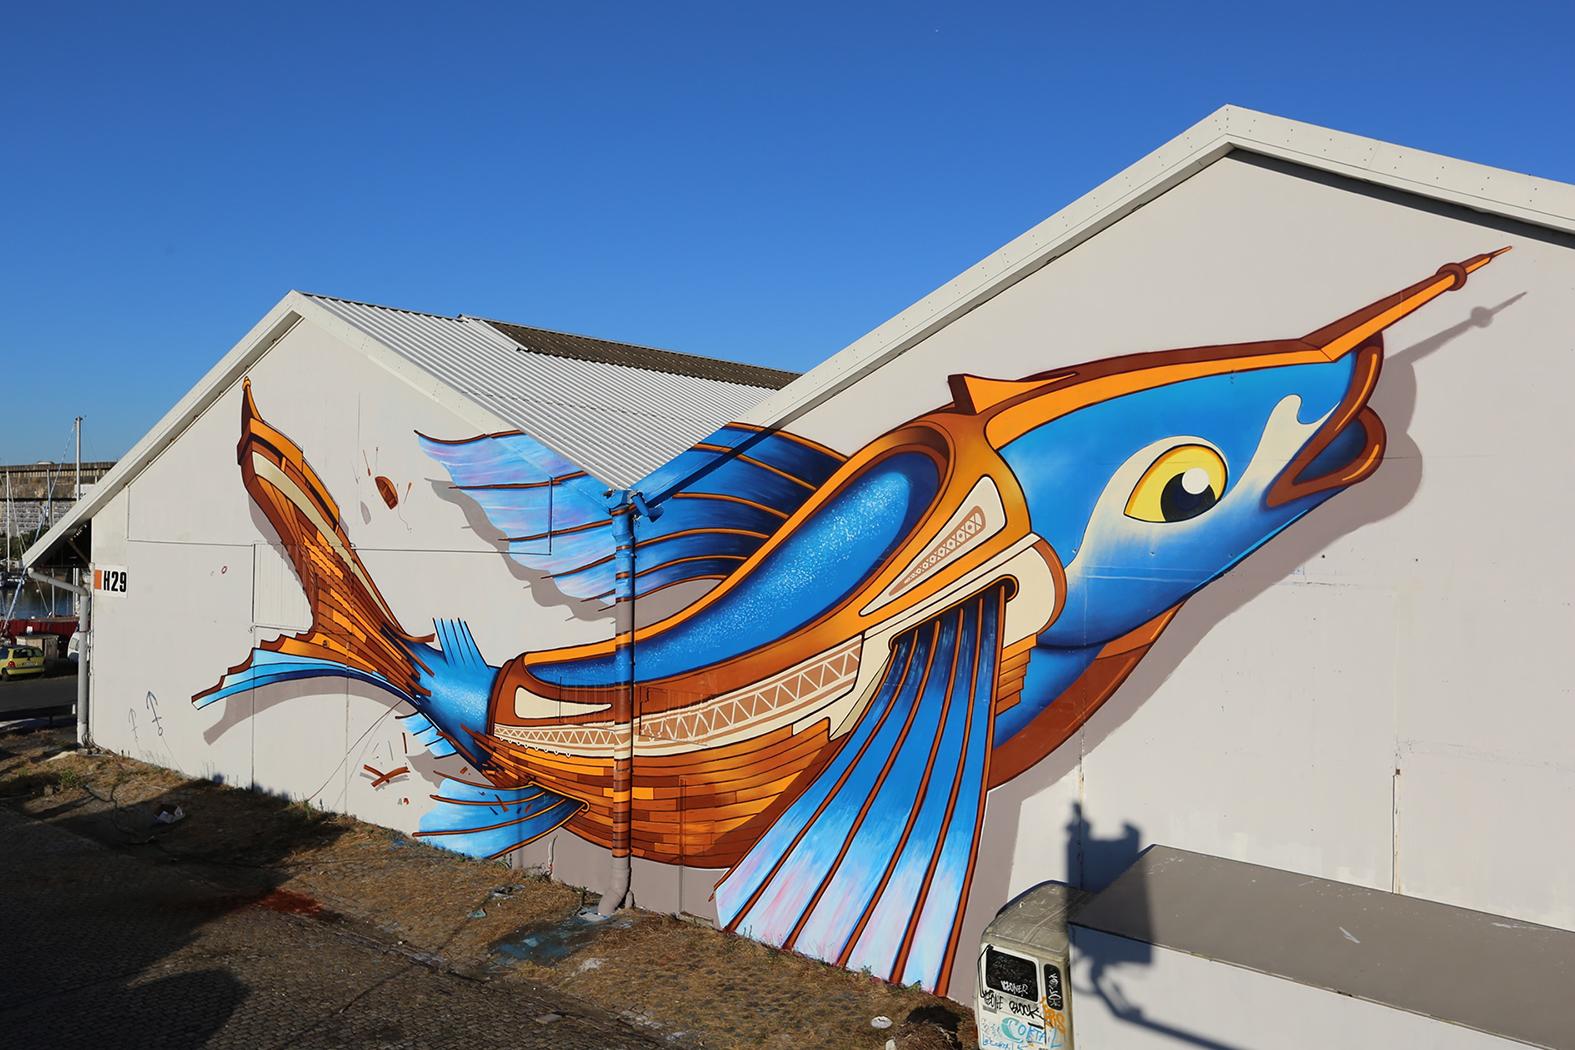 Nerone-fishboat-bordeaux-street-art-7